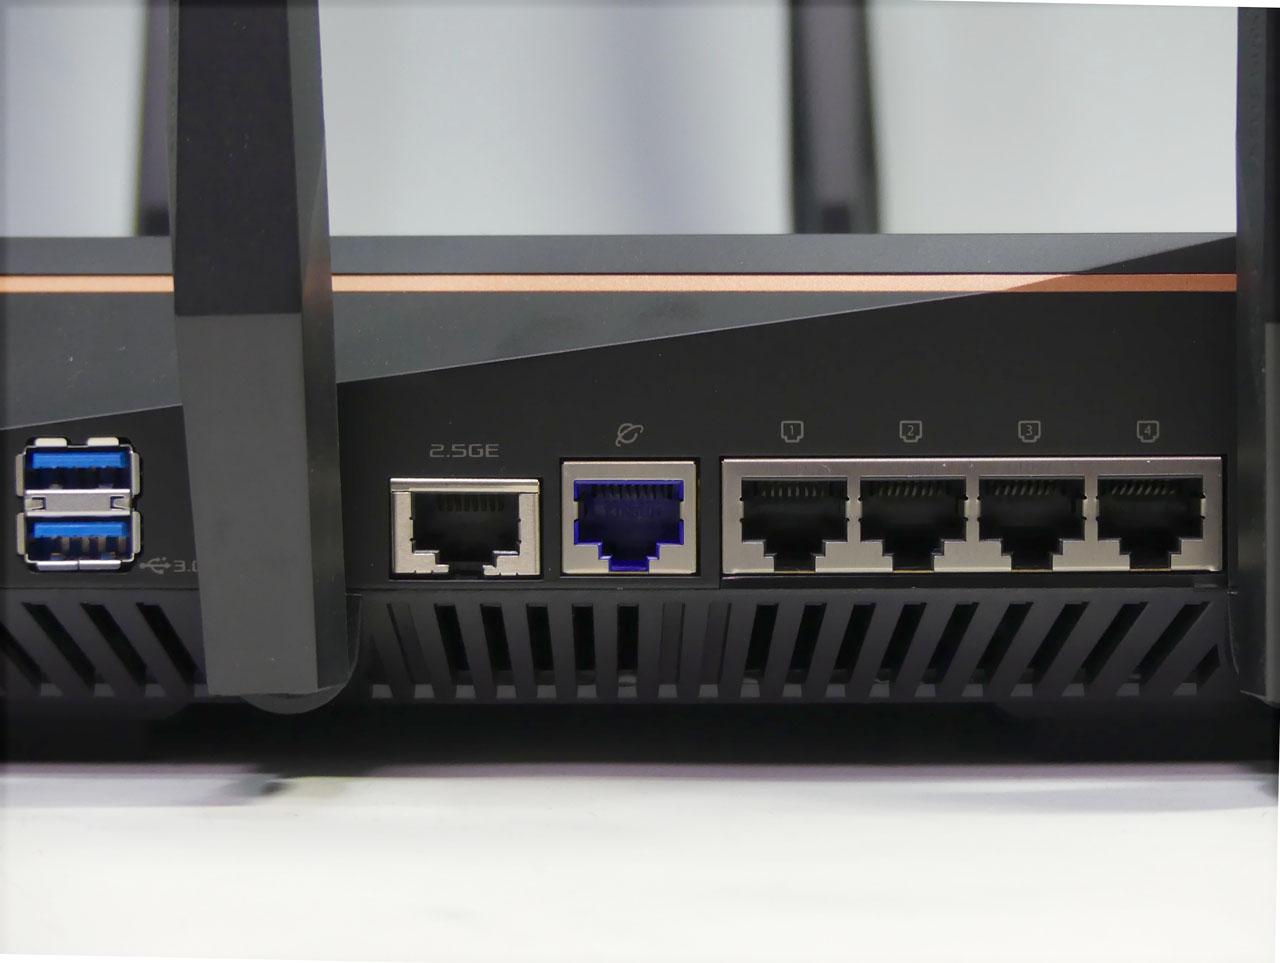 2.5Gbps対応の有線LANポートも搭載する